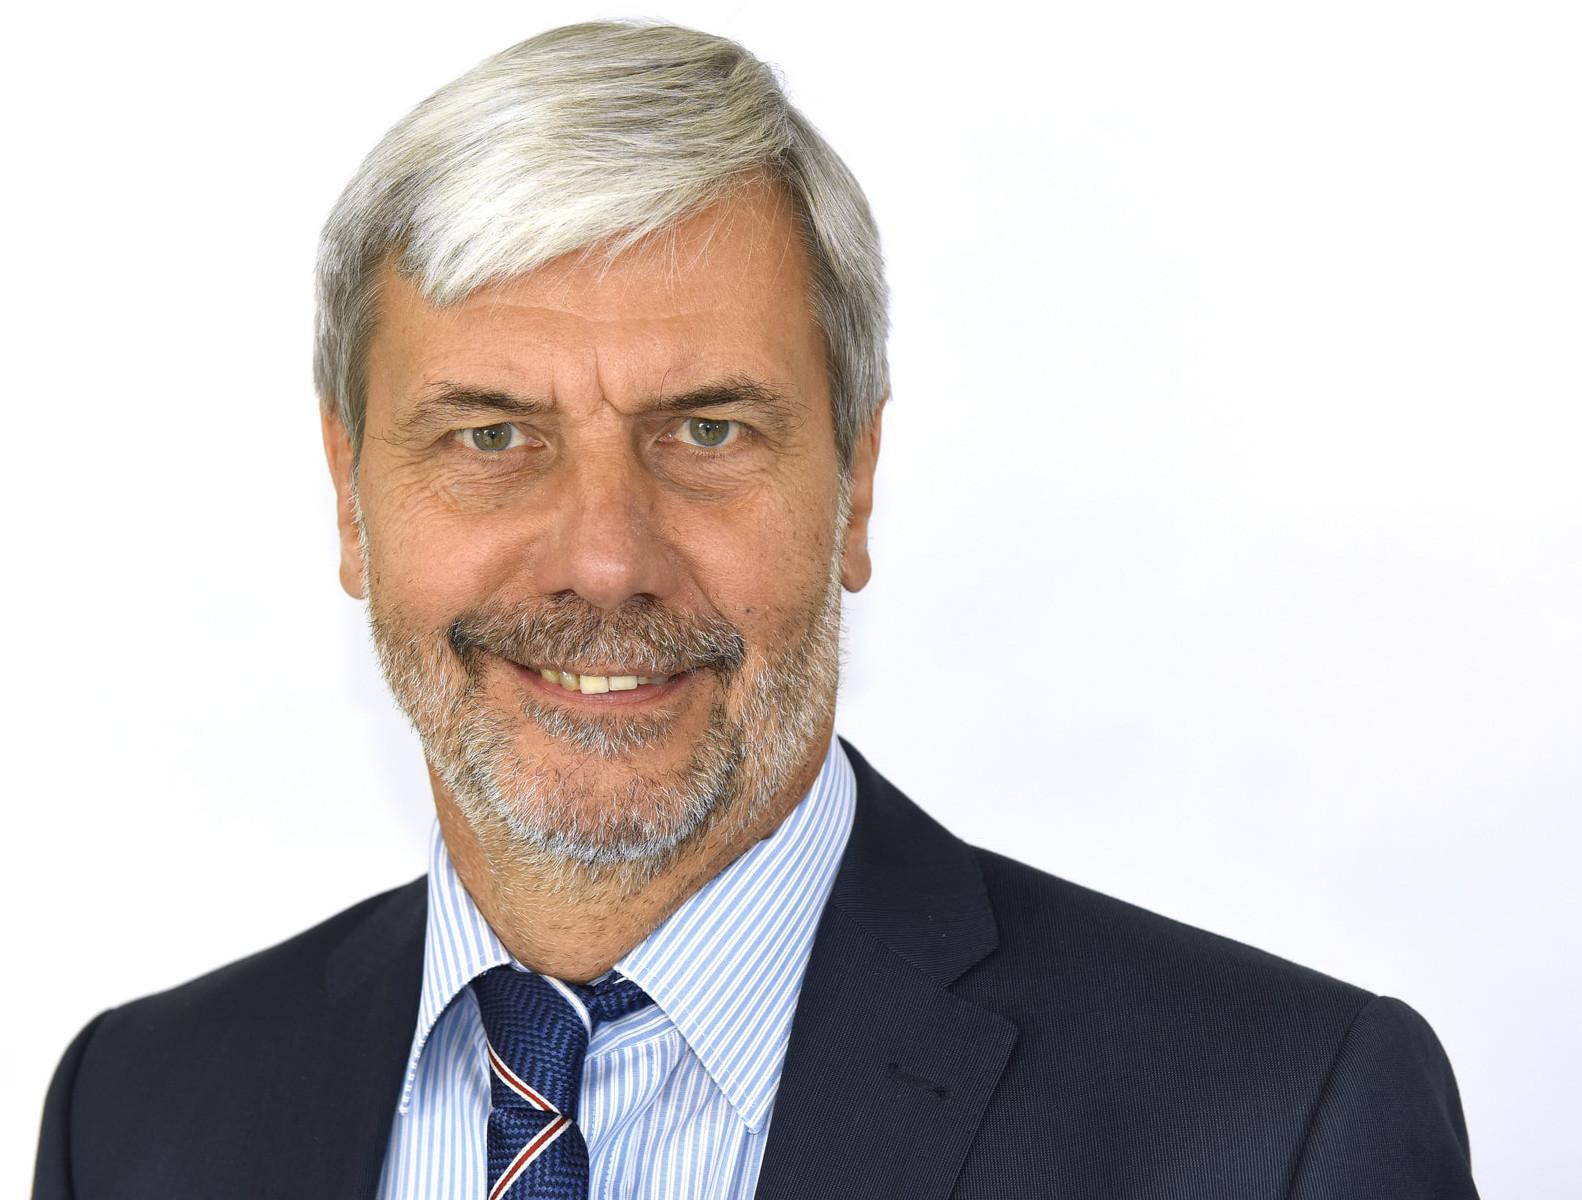 Herr Michael Schurich